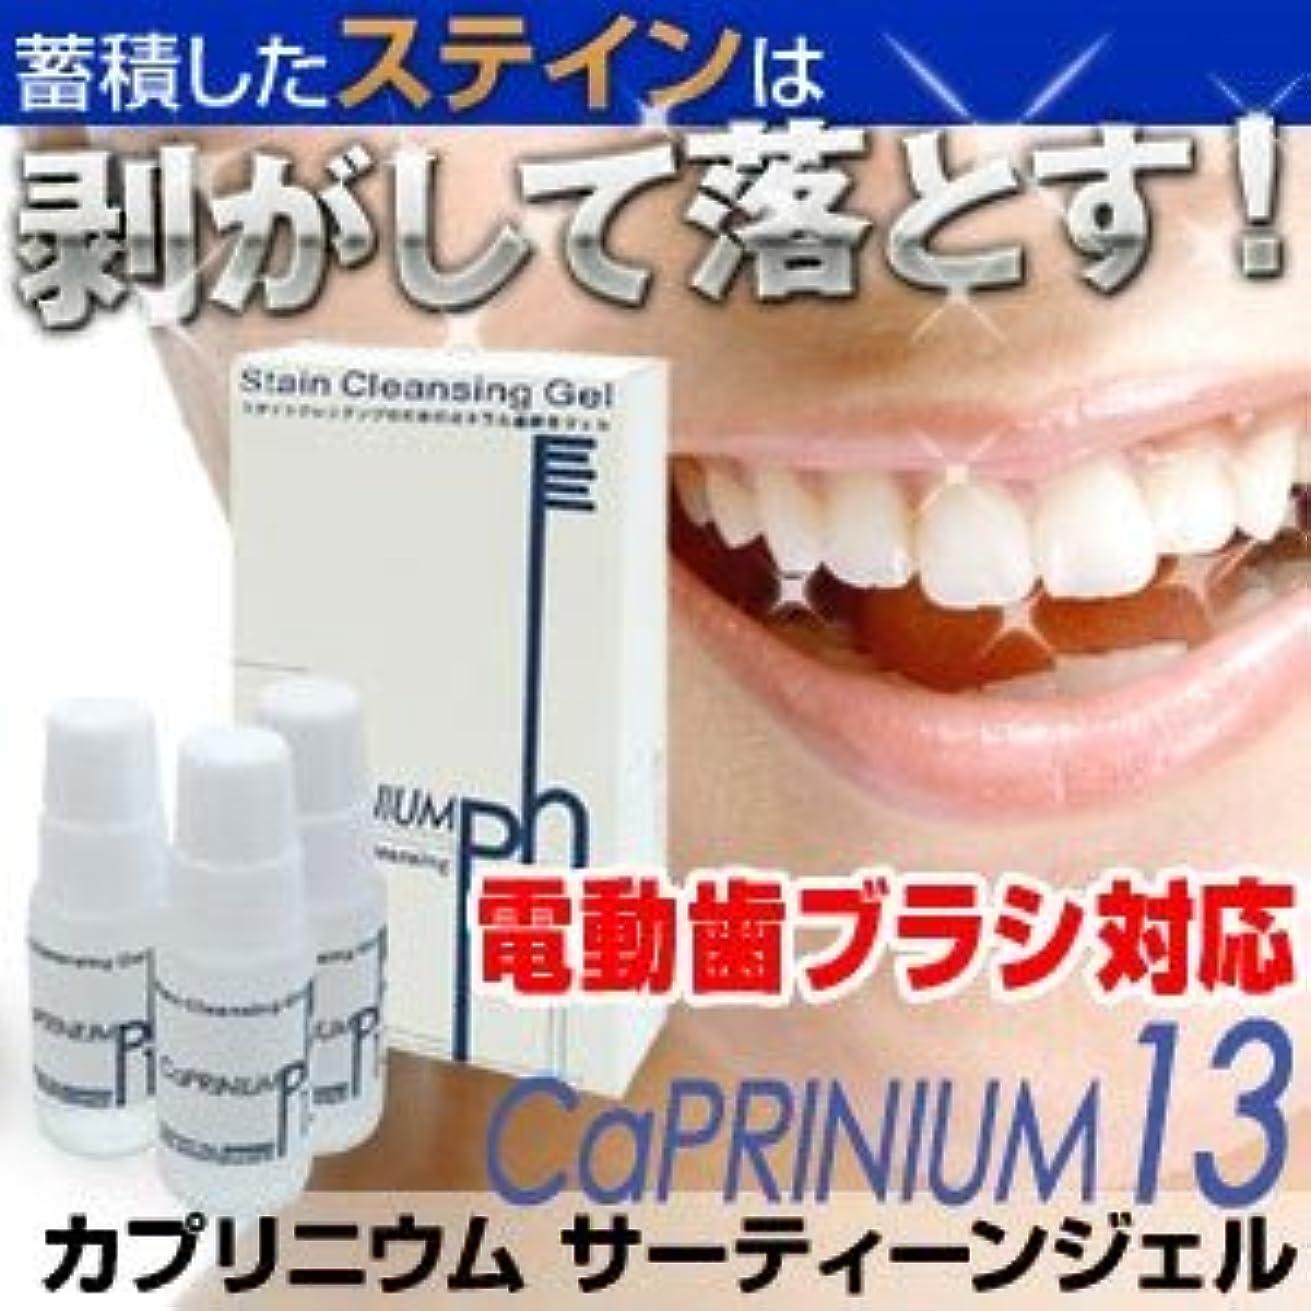 集計マイクロフォン美徳カプリニウム サーティーンジェル(CaPRINIUM 13) 新発想のホワイトニング歯磨きジェル